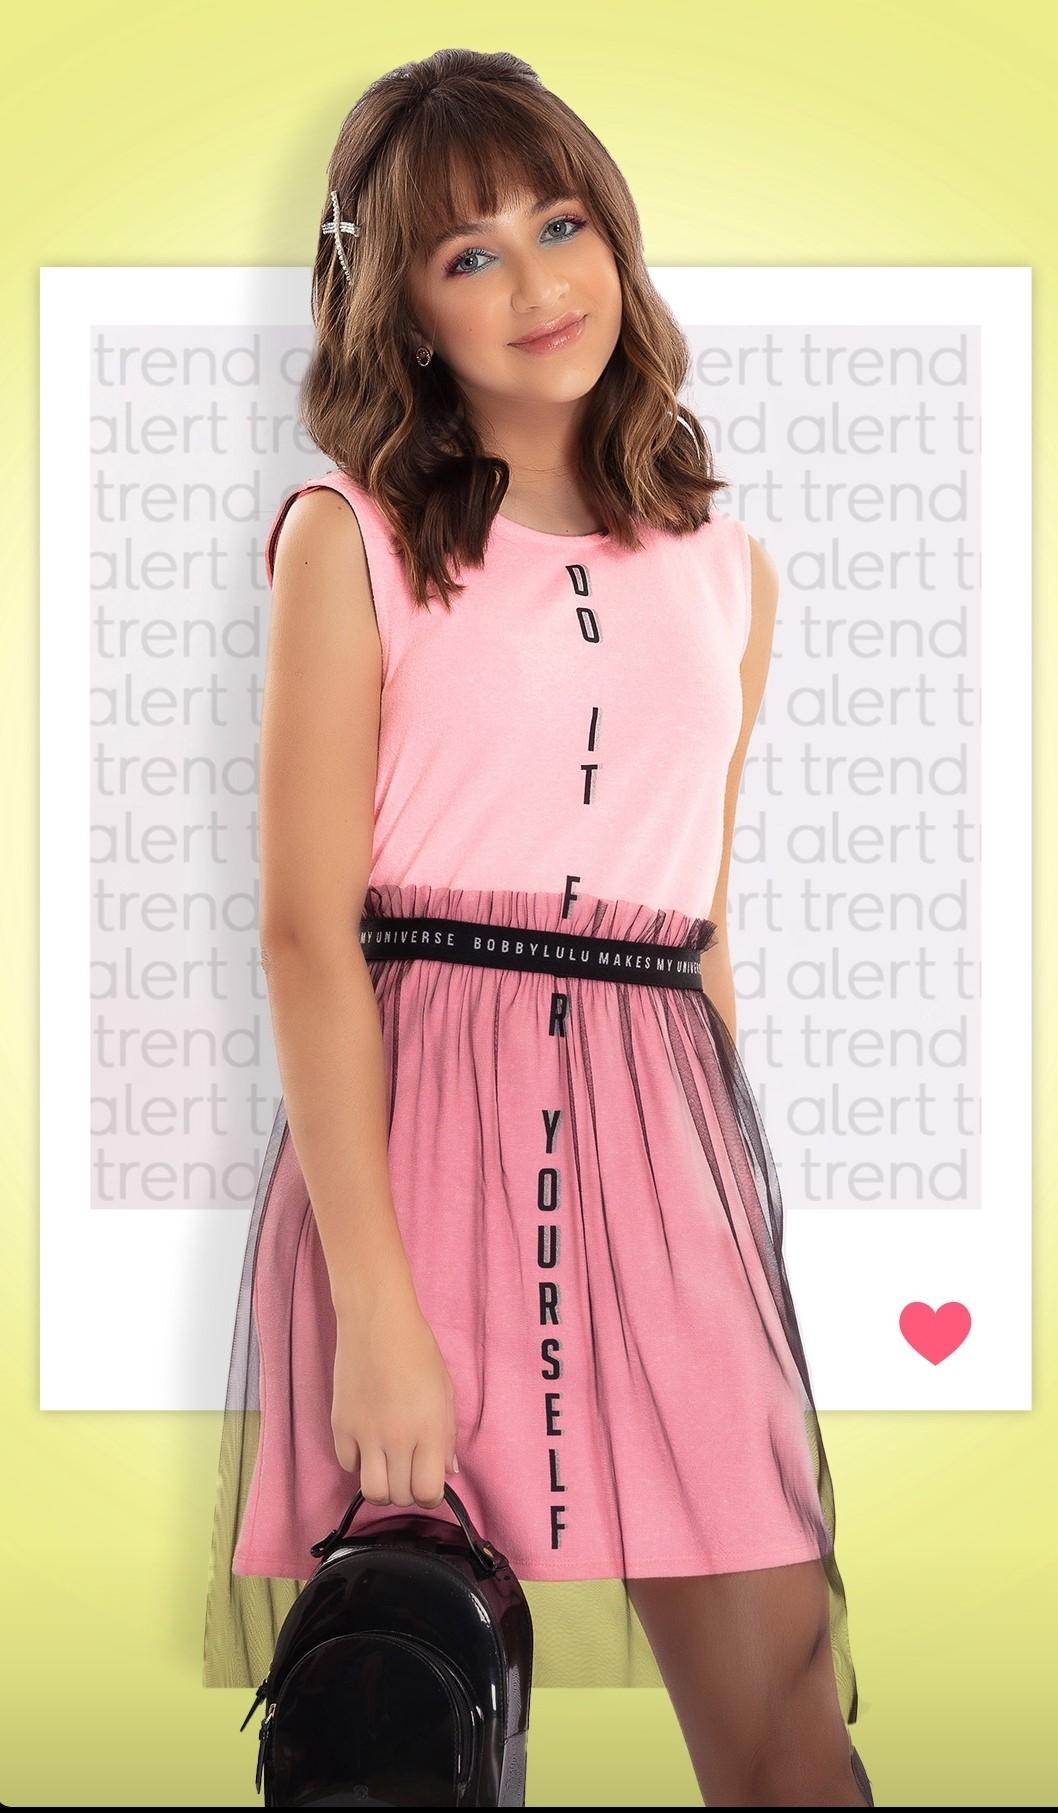 Vestido Teen Moletinho Rosa Neon com Saia de Tule Preta Sopreposição Bobbylulu